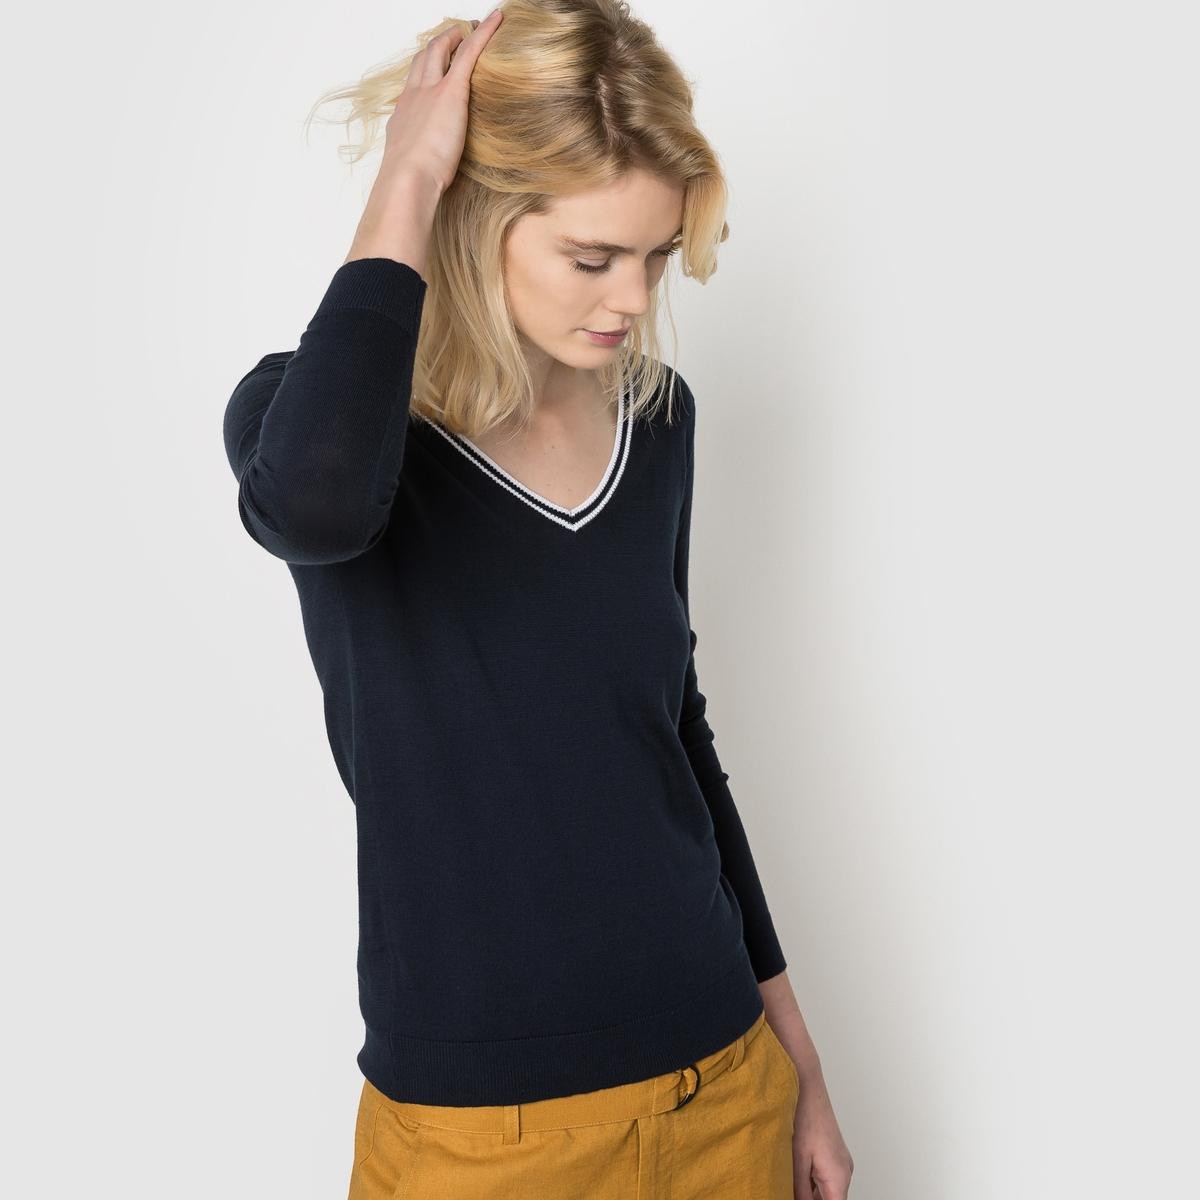 Пуловер 100% хлопка с V-образным вырезомПуловер с V-образным вырезом . 100% хлопка .Воротник с контрастным кантом .  Края выреза, манжет и низа связаны в рубчик . Длина 64 см.<br><br>Цвет: синий морской